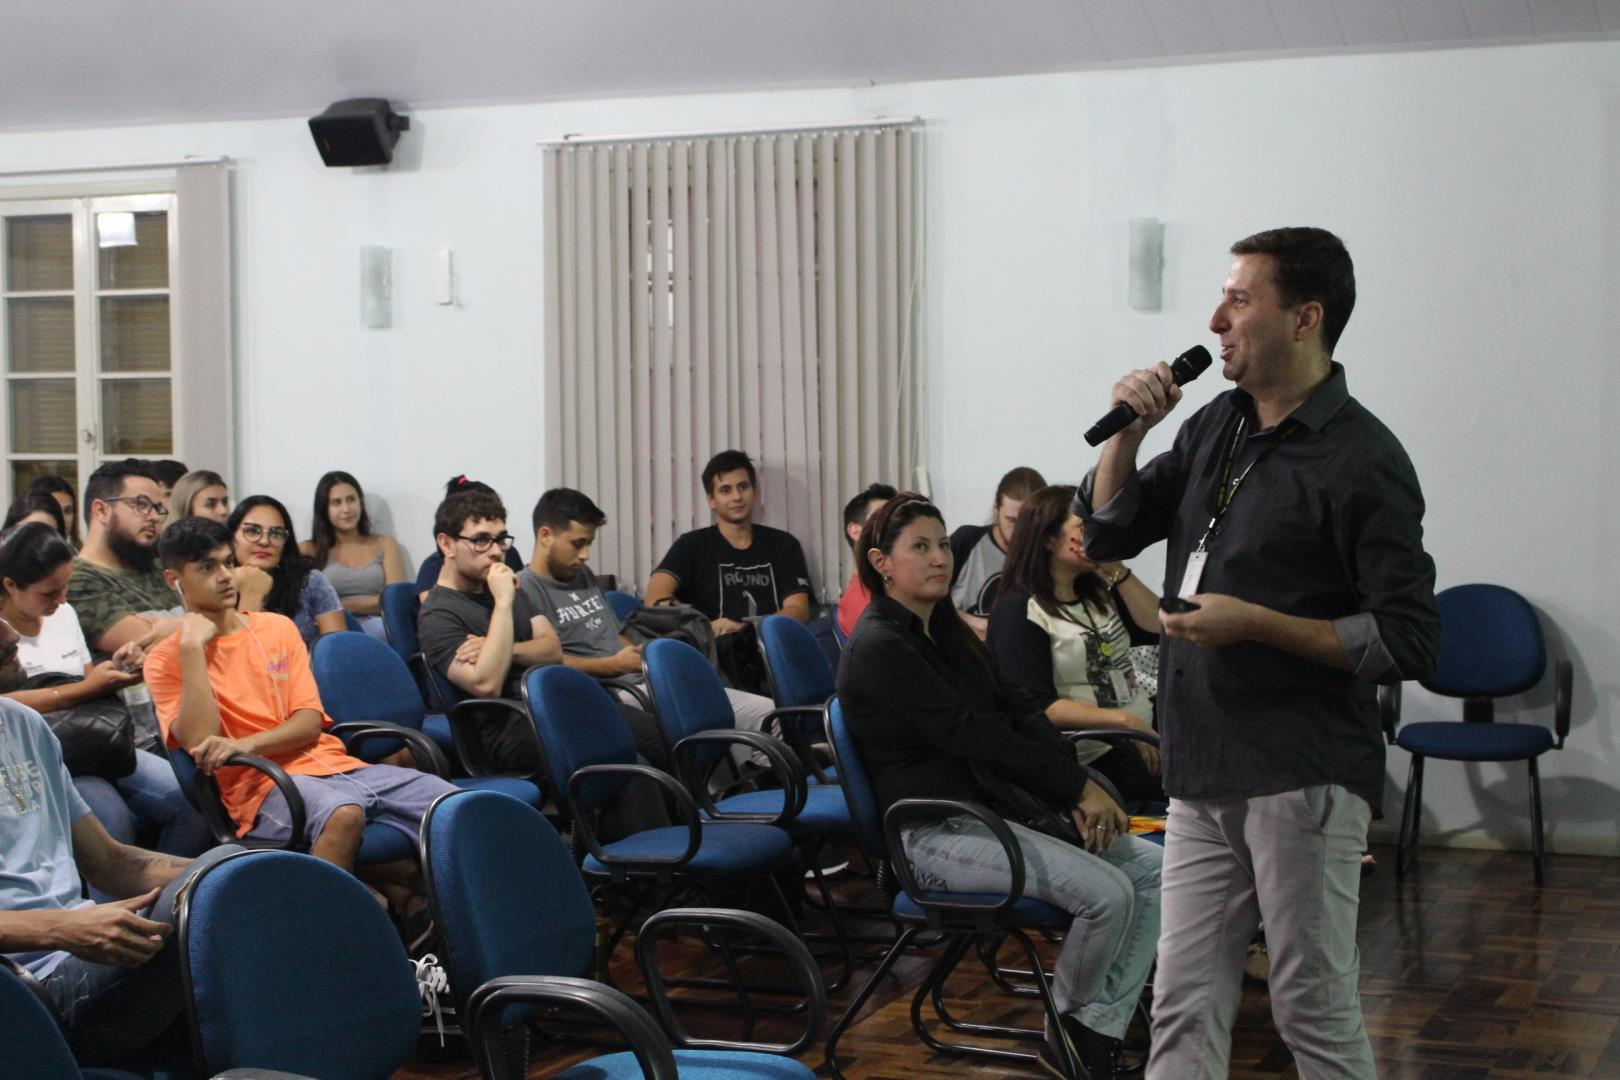 Novos alunos dos Cursos Técnicos IENH são recepcionados em momento de conversa